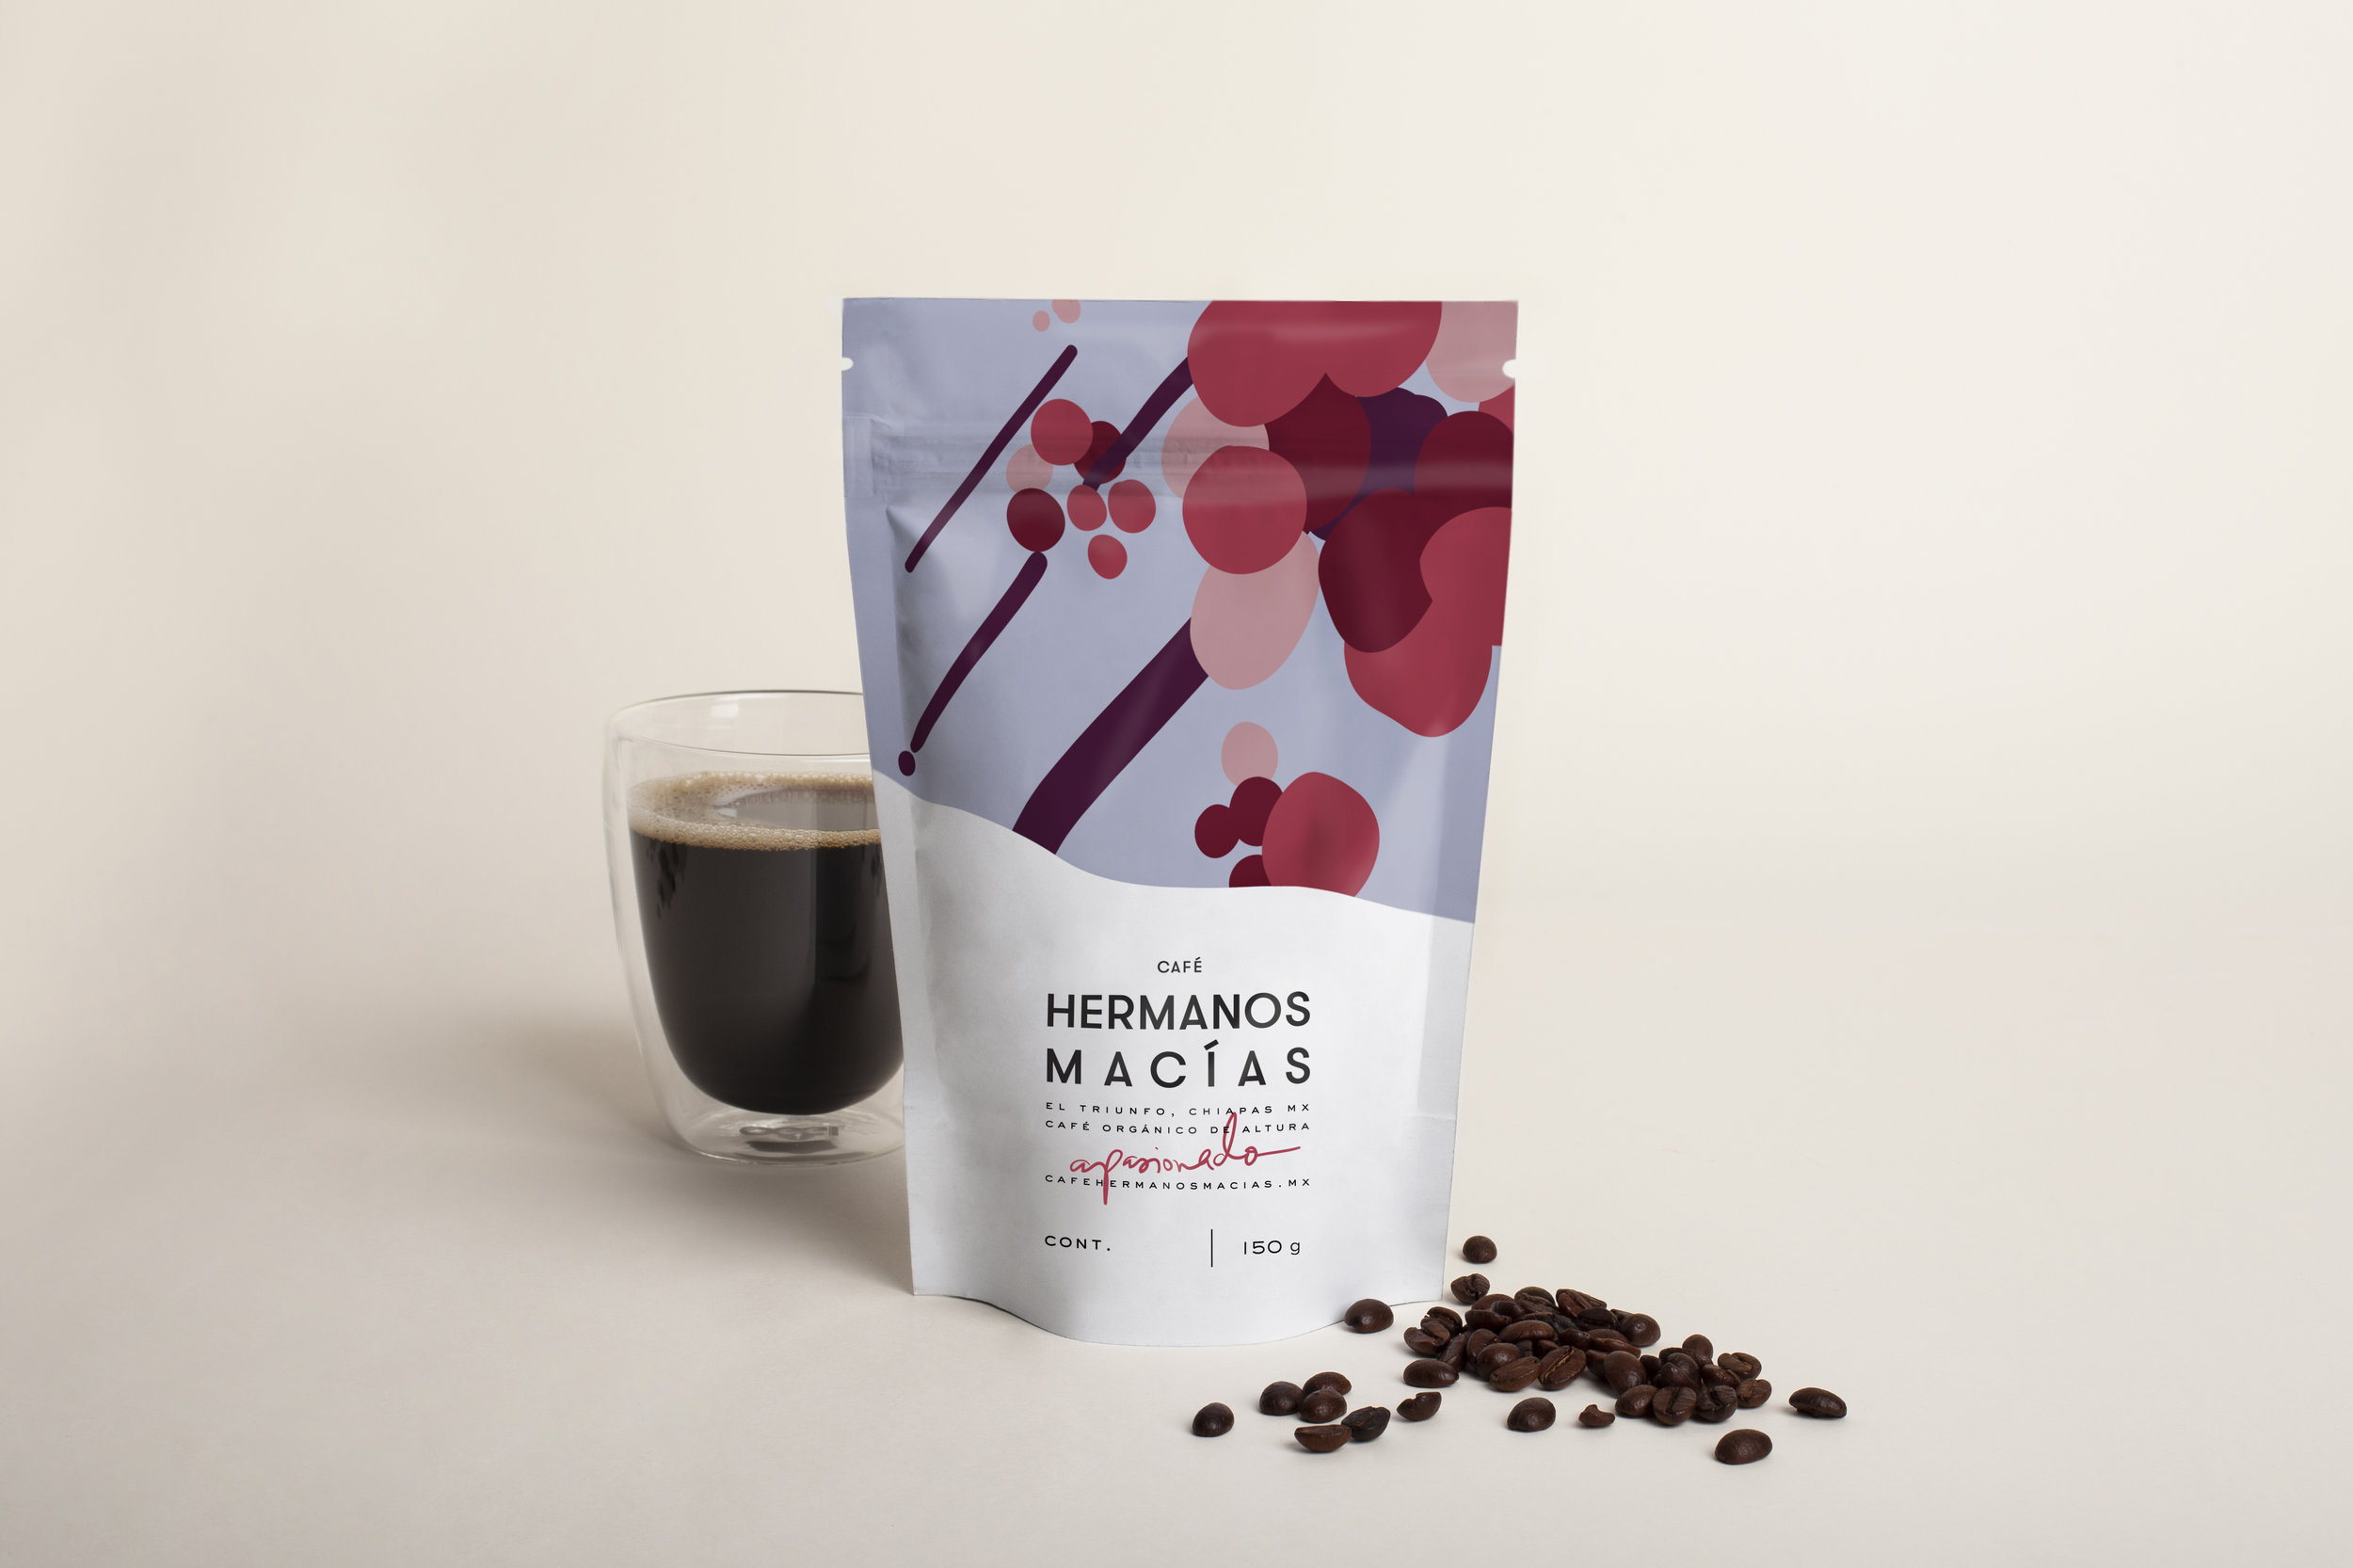 Café Hermanos Macías by La Tortillería   A Creative Company